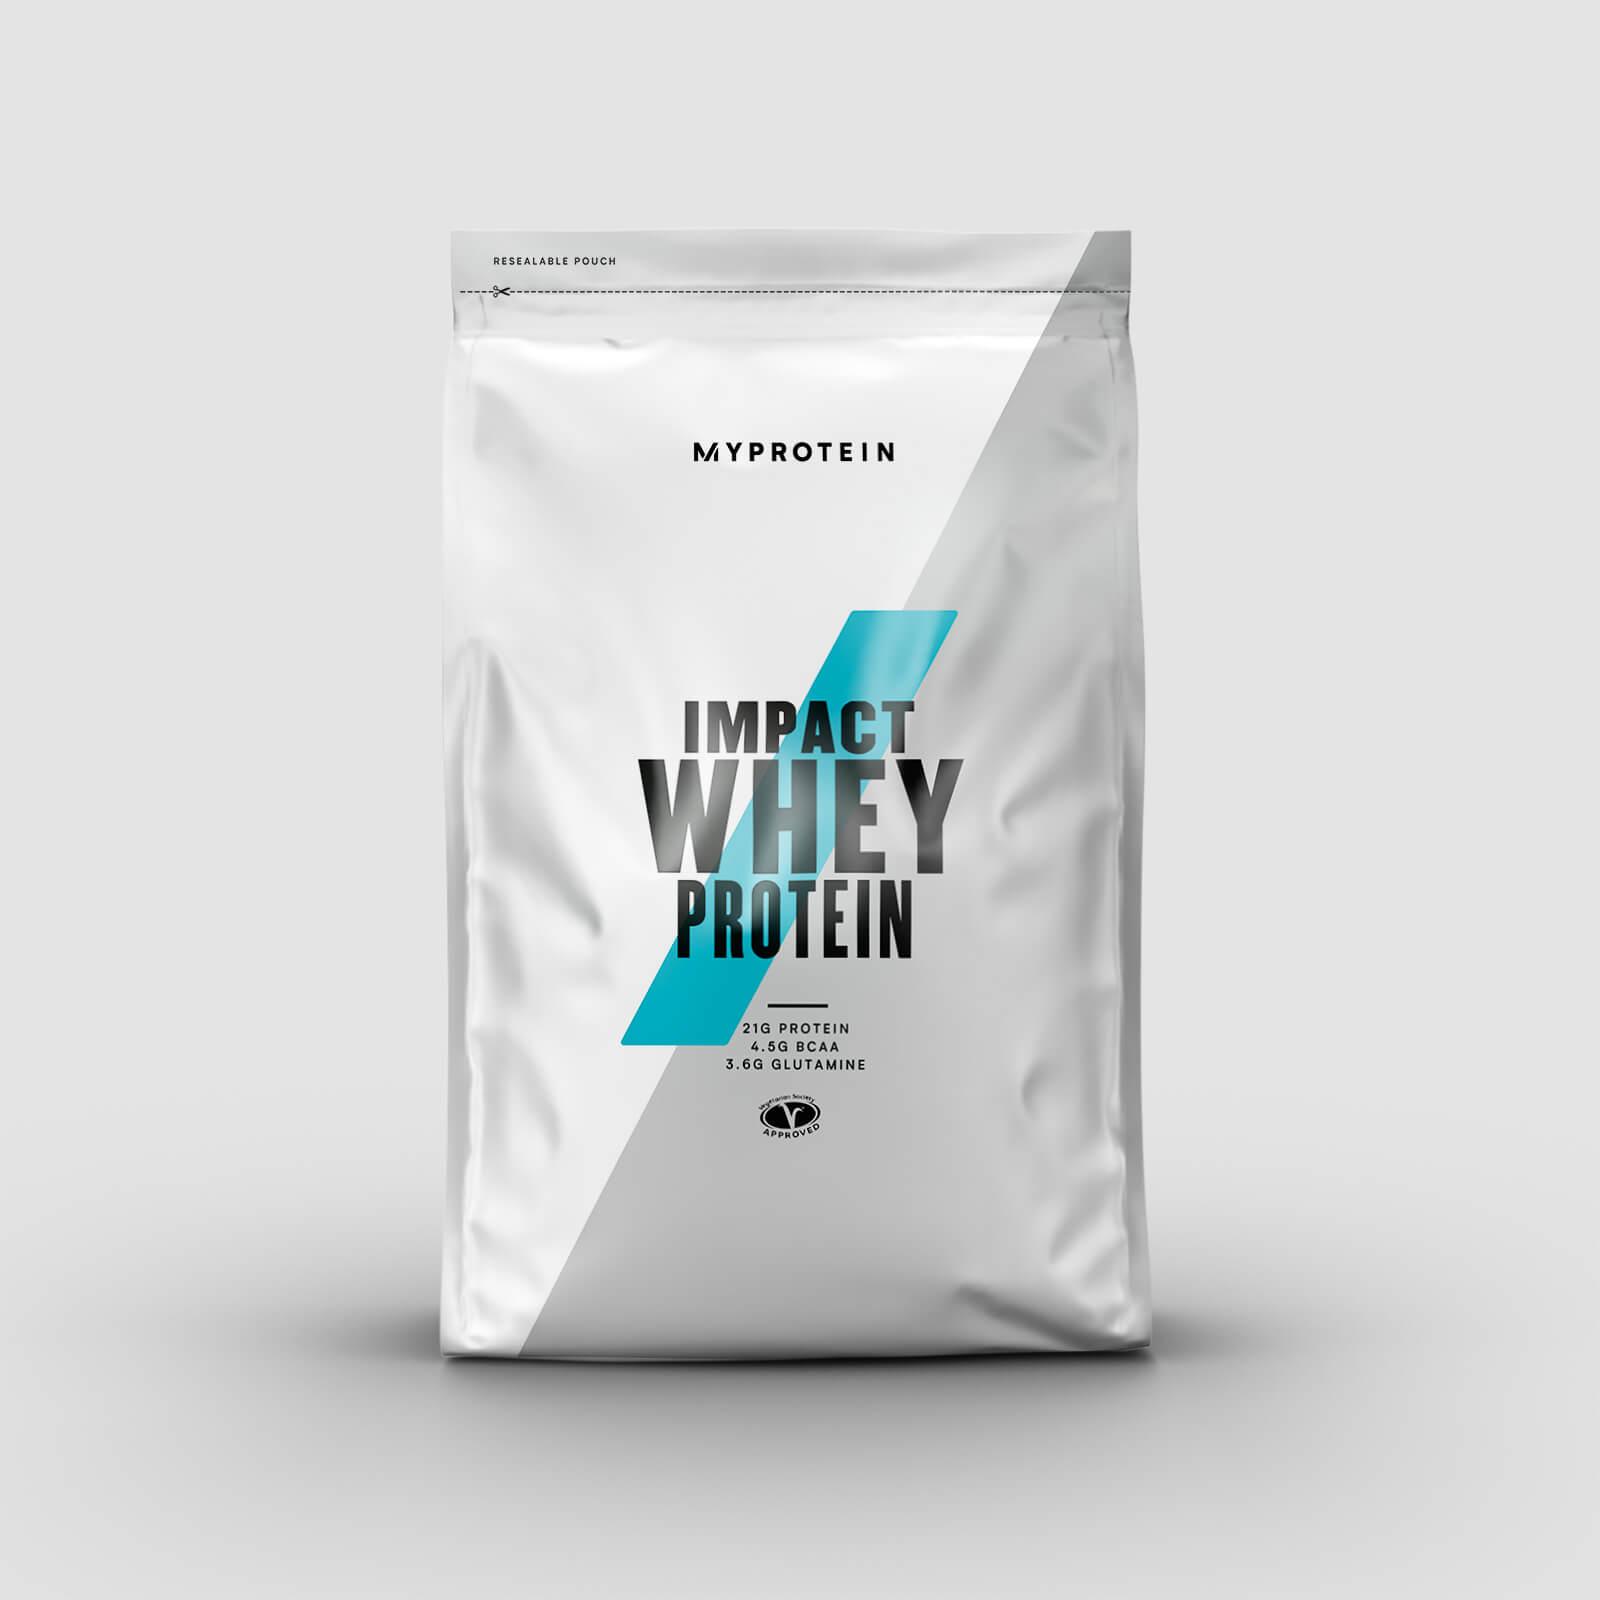 Myprotein Impact Whey Protein - 1kg - Speculoos